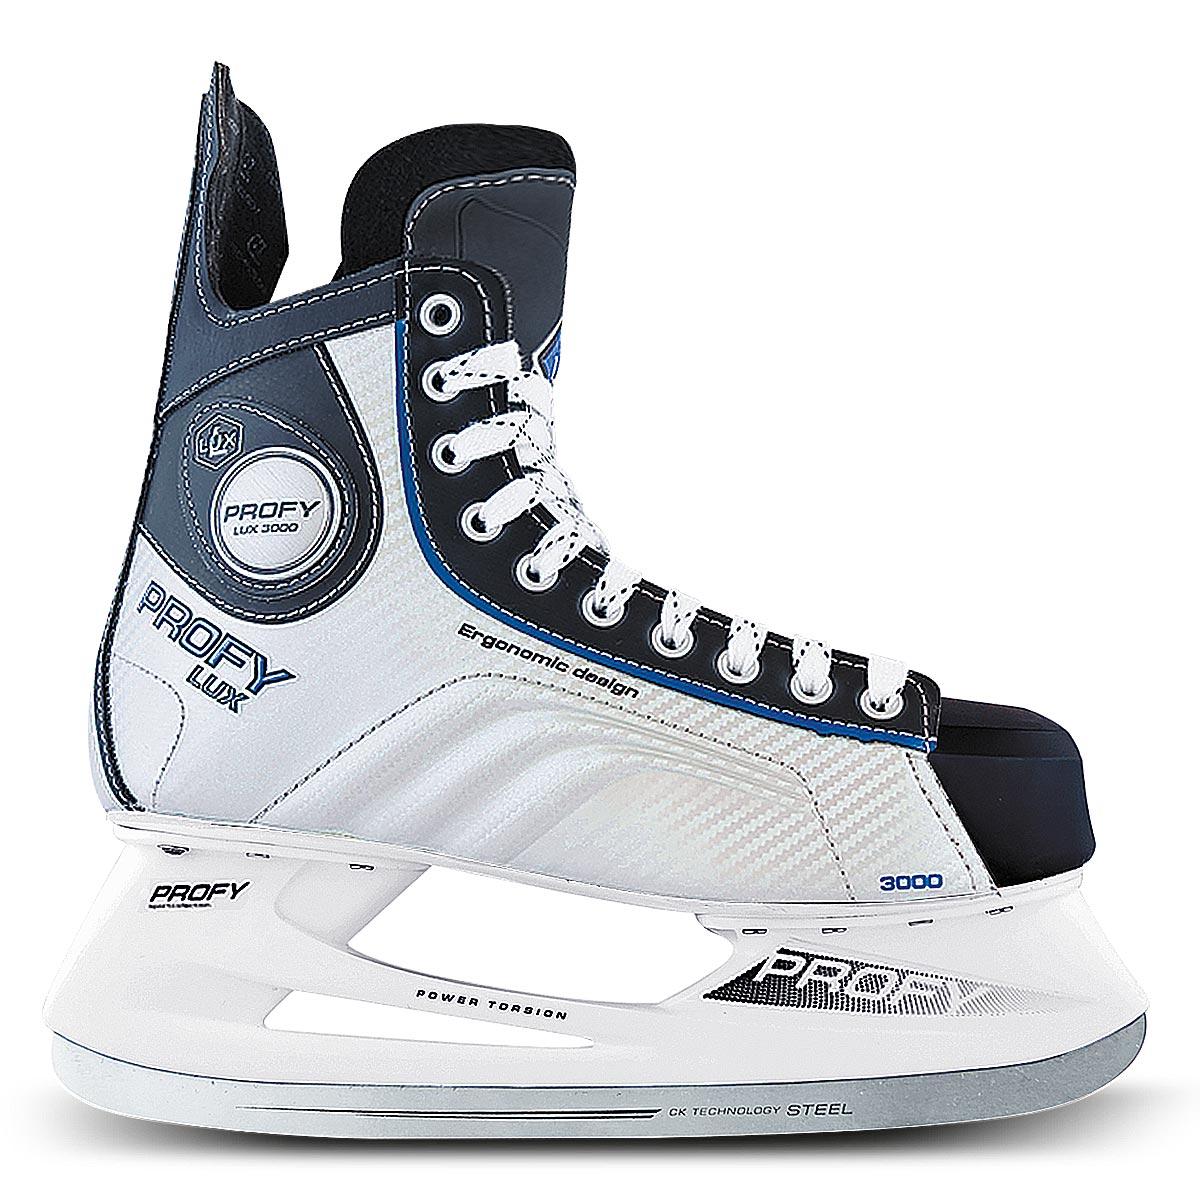 Коньки хоккейные мужские СК Profy Lux 3000, цвет: черный, серебряный, синий. Размер 38PROFY LUX 3000 Blue_38Коньки хоккейные мужские СК Profy Lux 3000 прекрасно подойдут для профессиональных игроков в хоккей. Ботинок выполнен из морозоустойчивой искусственной кожи и специального резистентного ПВХ, а язычок - из двухслойного войлока и искусственной кожи. Слоевая композитная технология позволила изготовить ботинок, полностью обволакивающий ногу. Это обеспечивает прочную и удобную фиксацию ноги, повышает защиту от ударов. Ботинок изготовлен с учетом антропометрии стоп россиян, что обеспечивает комфорт и устойчивость ноги, правильное распределение нагрузки, сильно снижает травмоопасность. Конструкция носка ботинка, изготовленного из ударопрочного энергопоглощающего термопластичного полиуретана Hytrel® (DuPont), обеспечивает увеличенную надежность защиты передней части ступни от ударов. Усиленные боковины ботинка из формованного PVC укрепляют боковую часть ботинка и дополнительно защищают ступню от ударов за счет поглощения энергии. Тип застежки ботинок – классическая шнуровка. Стелька из упругого пенного полимерного материала EVA гарантирует комфортное положение ноги в ботинке, обеспечивает быструю адаптацию ботинка к индивидуальным формам ноги, не теряет упругости при изменении температуры и не разрушается от воздействия пота и влаги. Легкая прочная низкопрофильная полимерная подошва инжекционного формования практически без потерь передает энергию от толчка ноги к лезвию – быстрее набор скорости, резче повороты и остановки, острее чувство льда. Лезвие из нержавеющей стали 420J обеспечит превосходное скольжение.